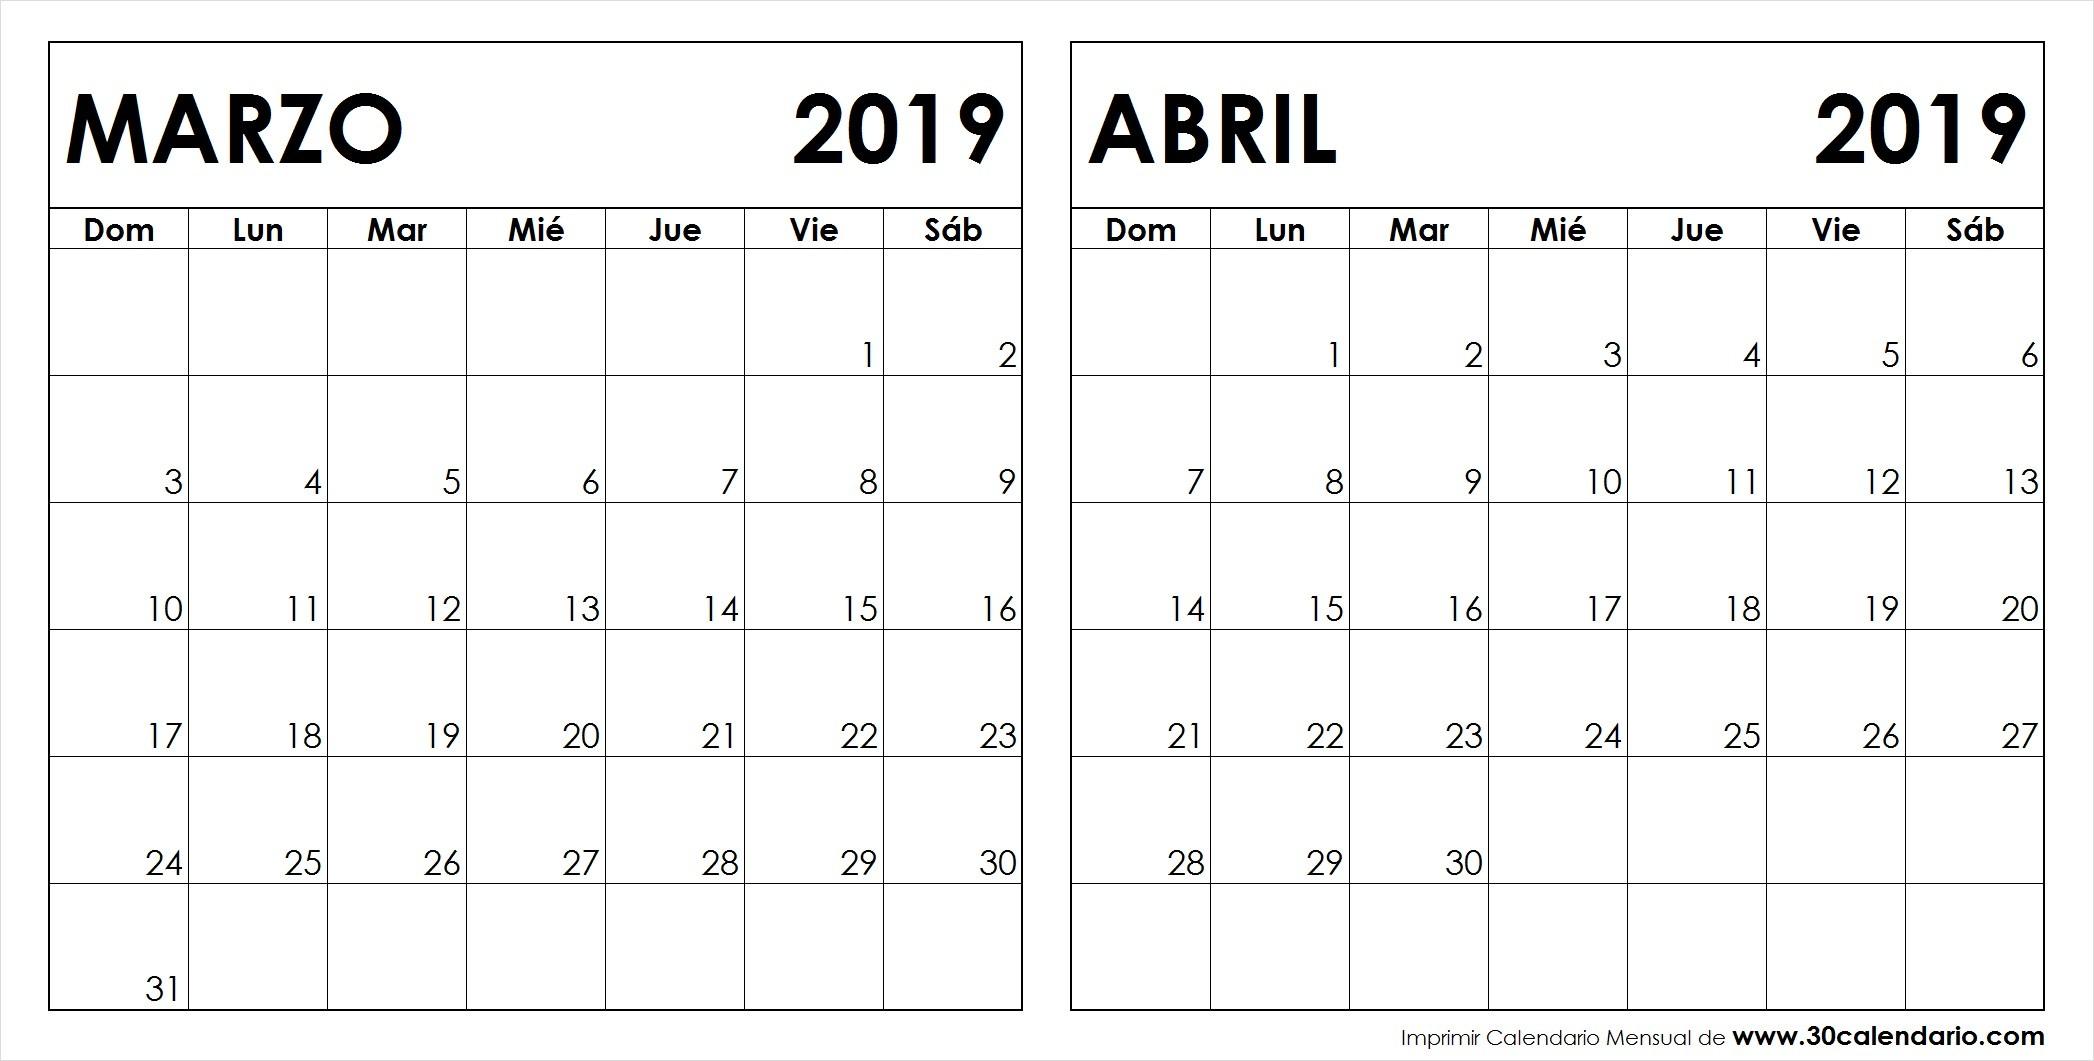 Calendario 2019 Para Imprimir Blanco Más Reciente Calendario Para Imprimir Of Calendario 2019 Para Imprimir Blanco Recientes Eur Lex R2447 En Eur Lex